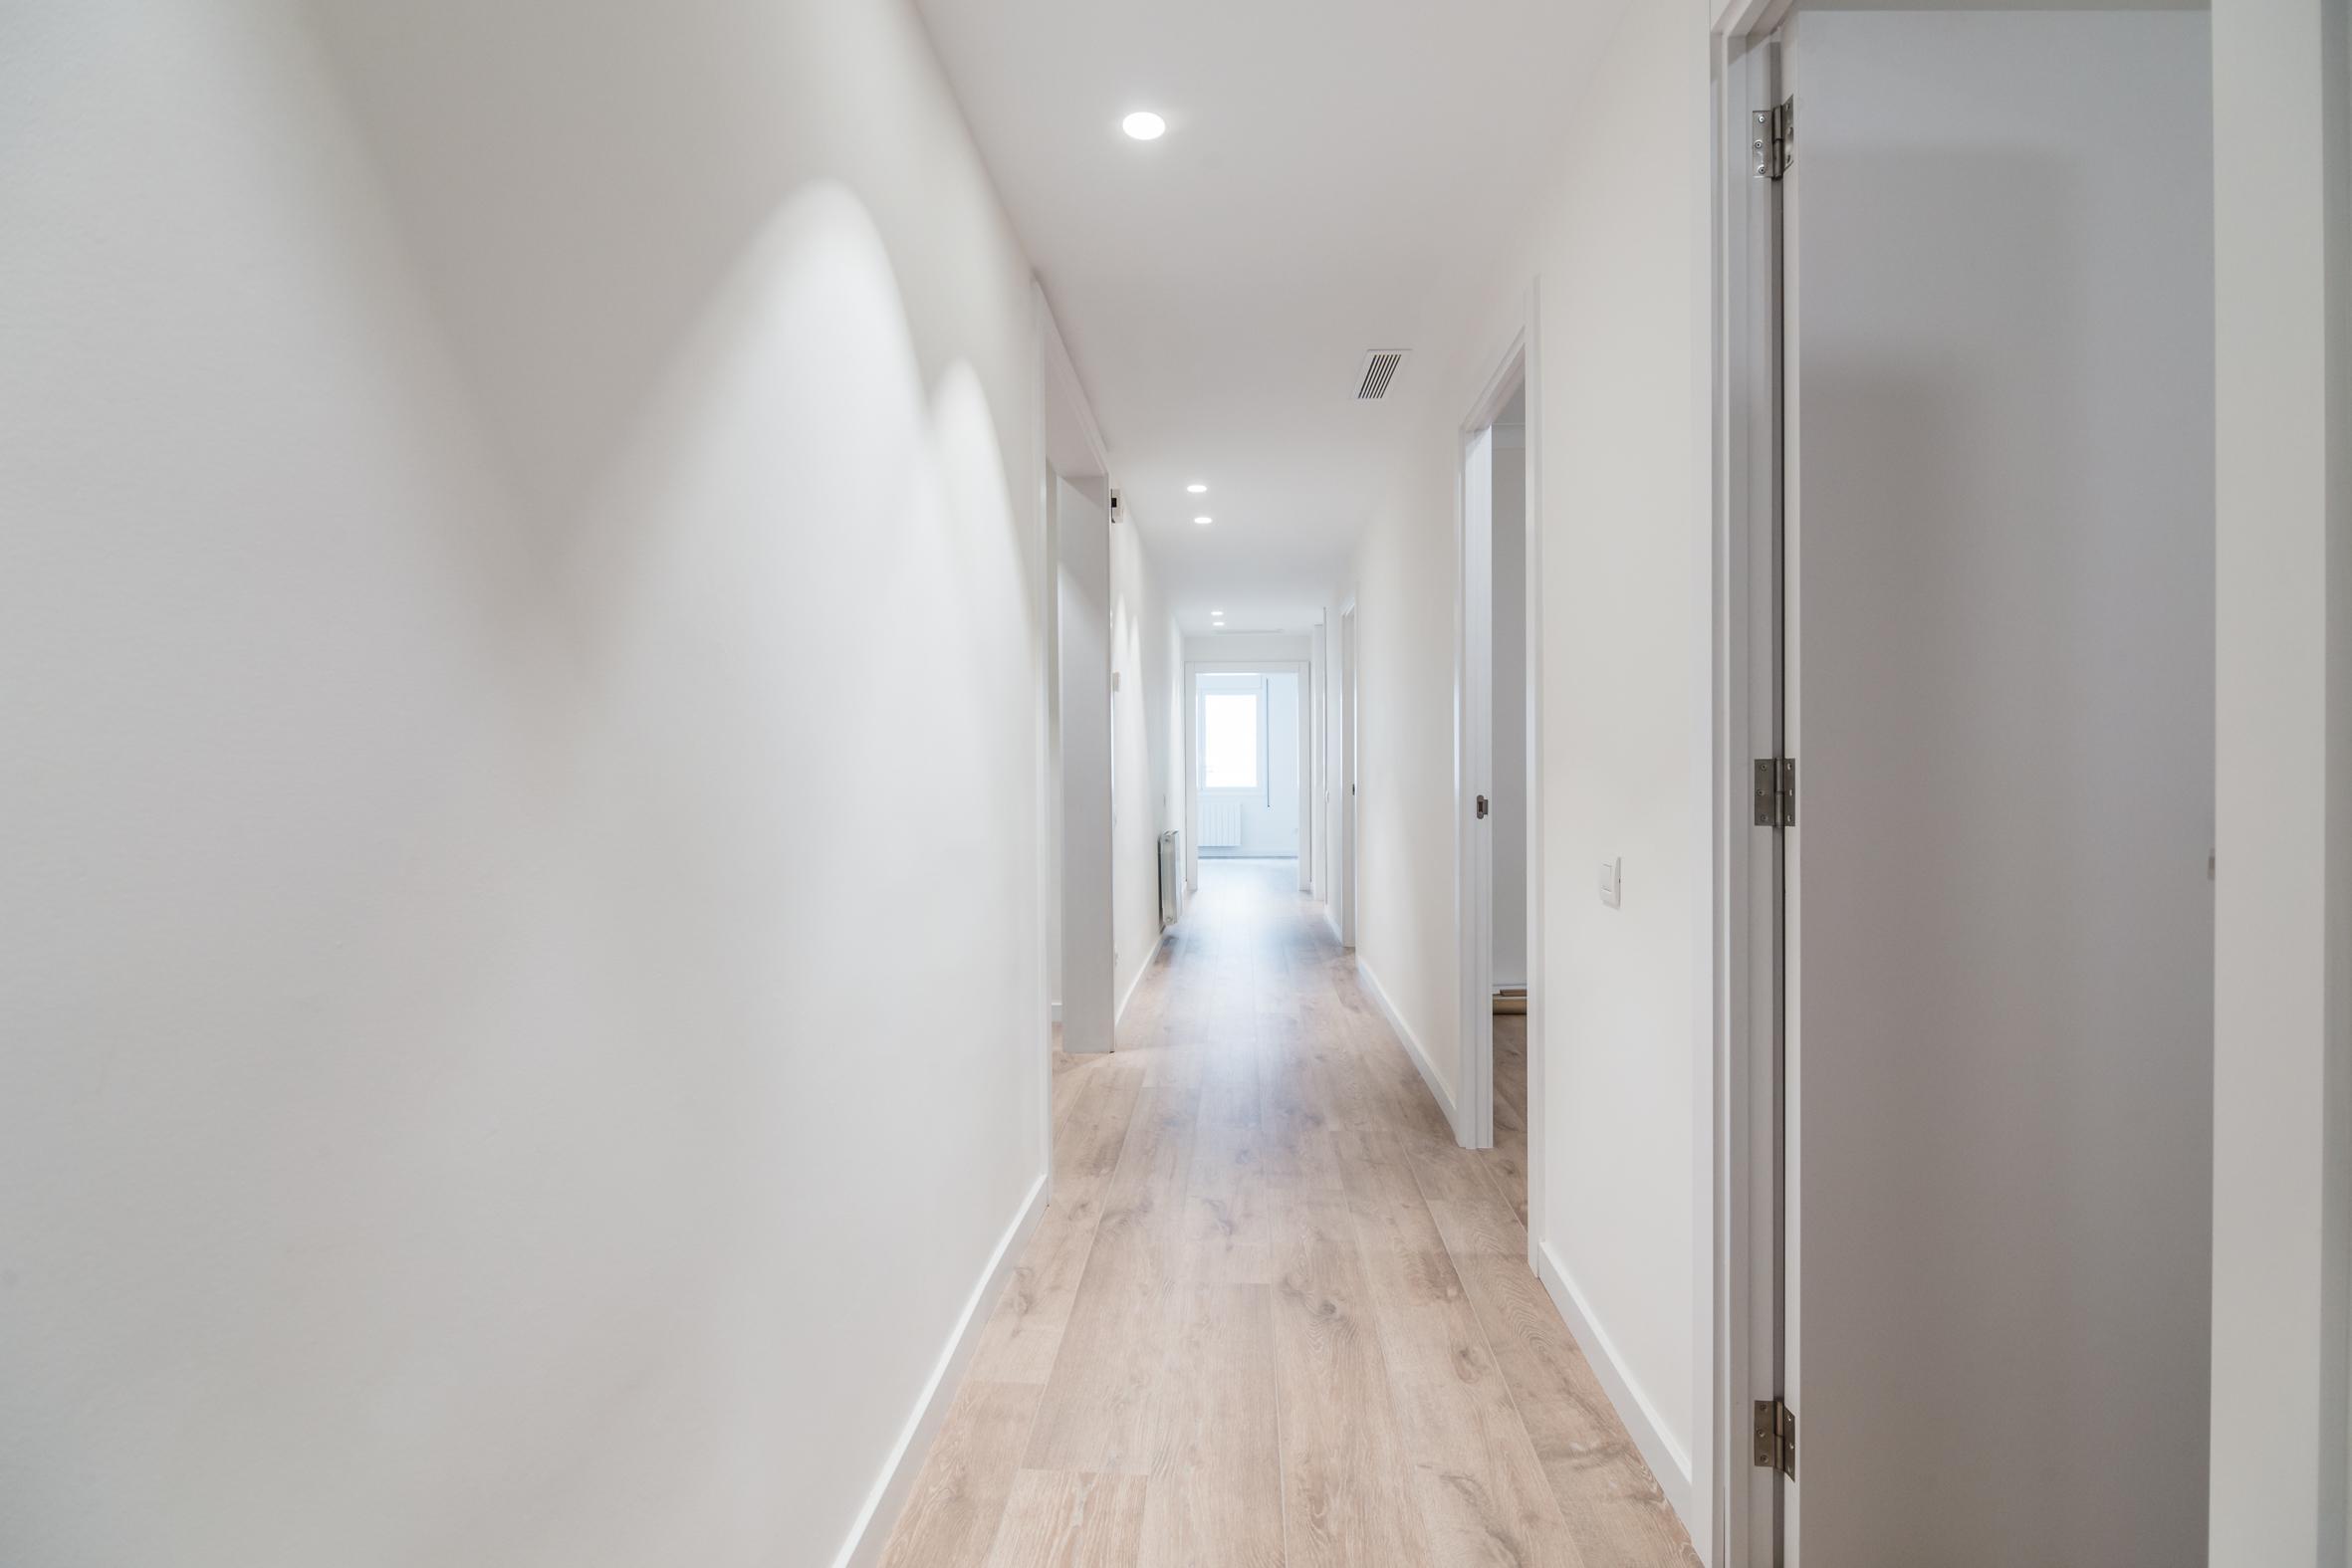 202959 Apartamento en venda en Sarrià-Sant Gervasi, St. Gervasi-Bonanova 15